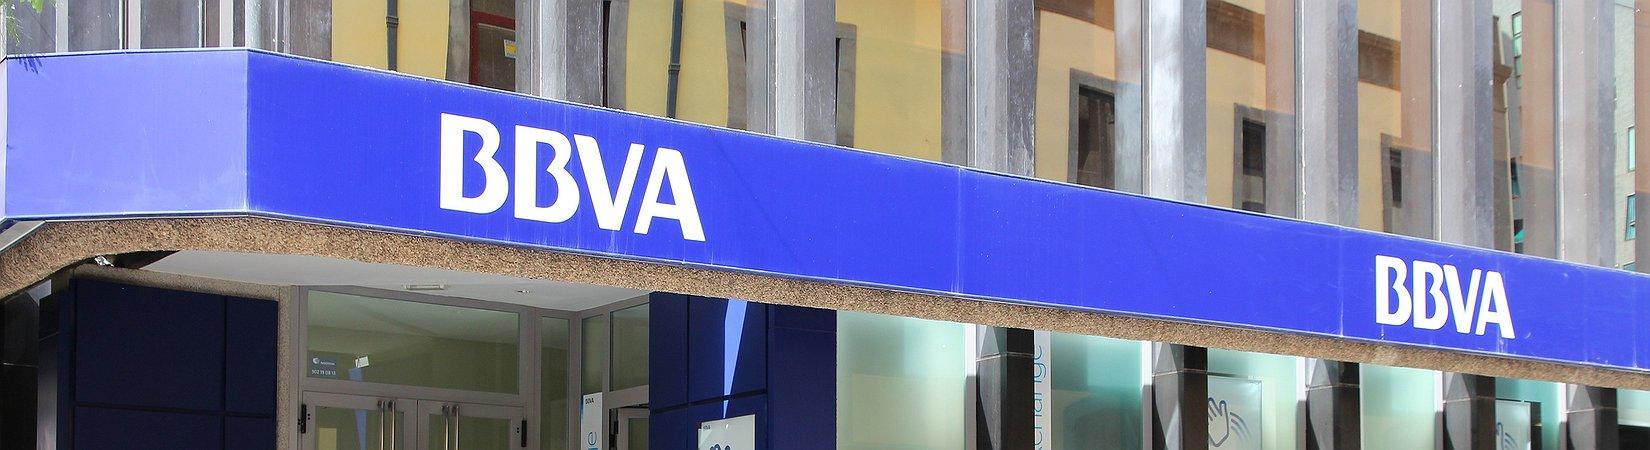 BBVA compra el servicio bancario finlandés Holvi